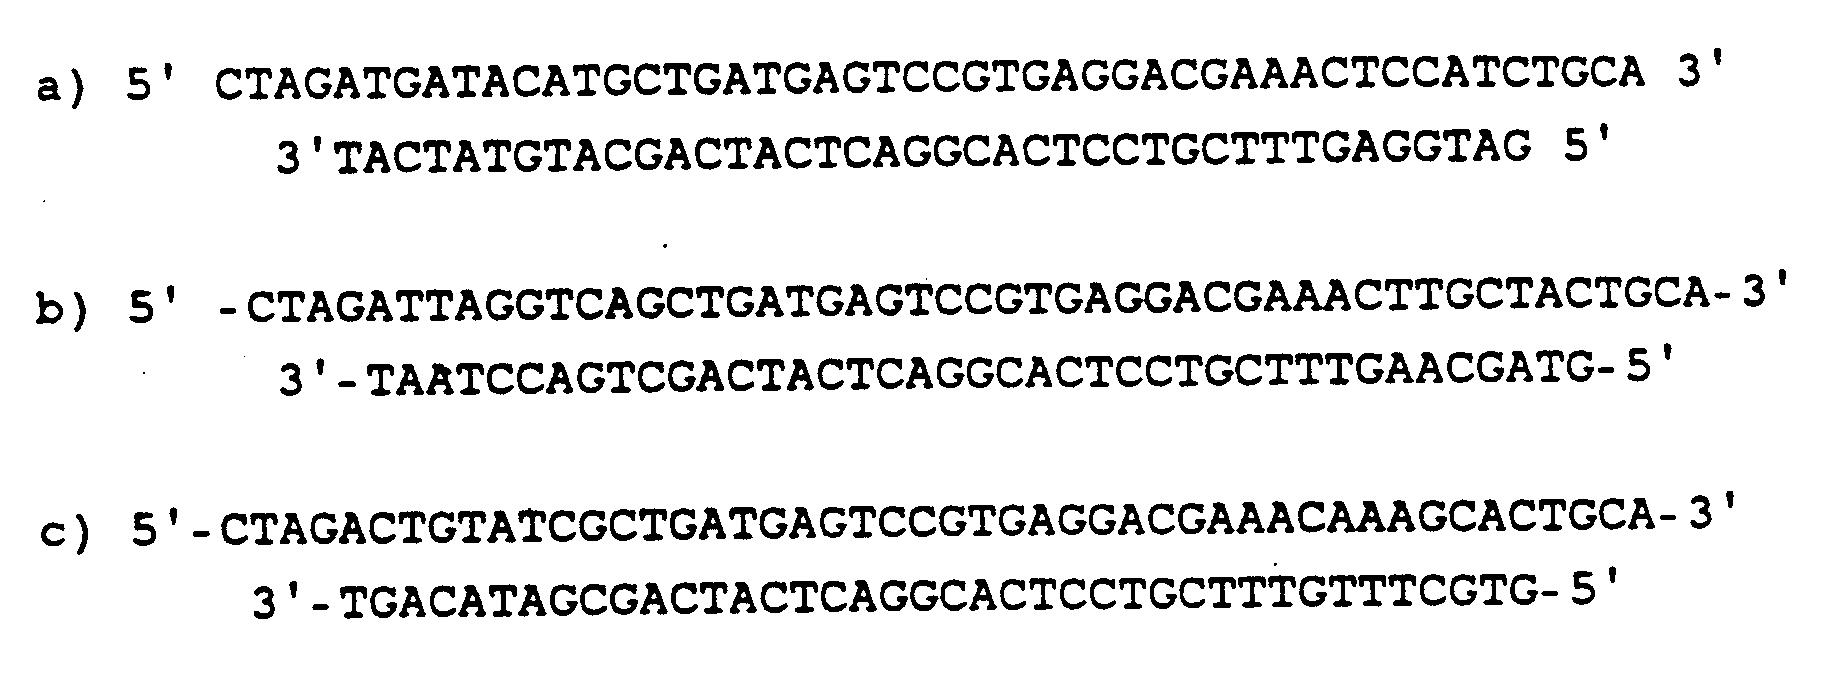 EP0416572B1 - RNA mit Endoribonucleaseaktivität gegen mRNA von ...